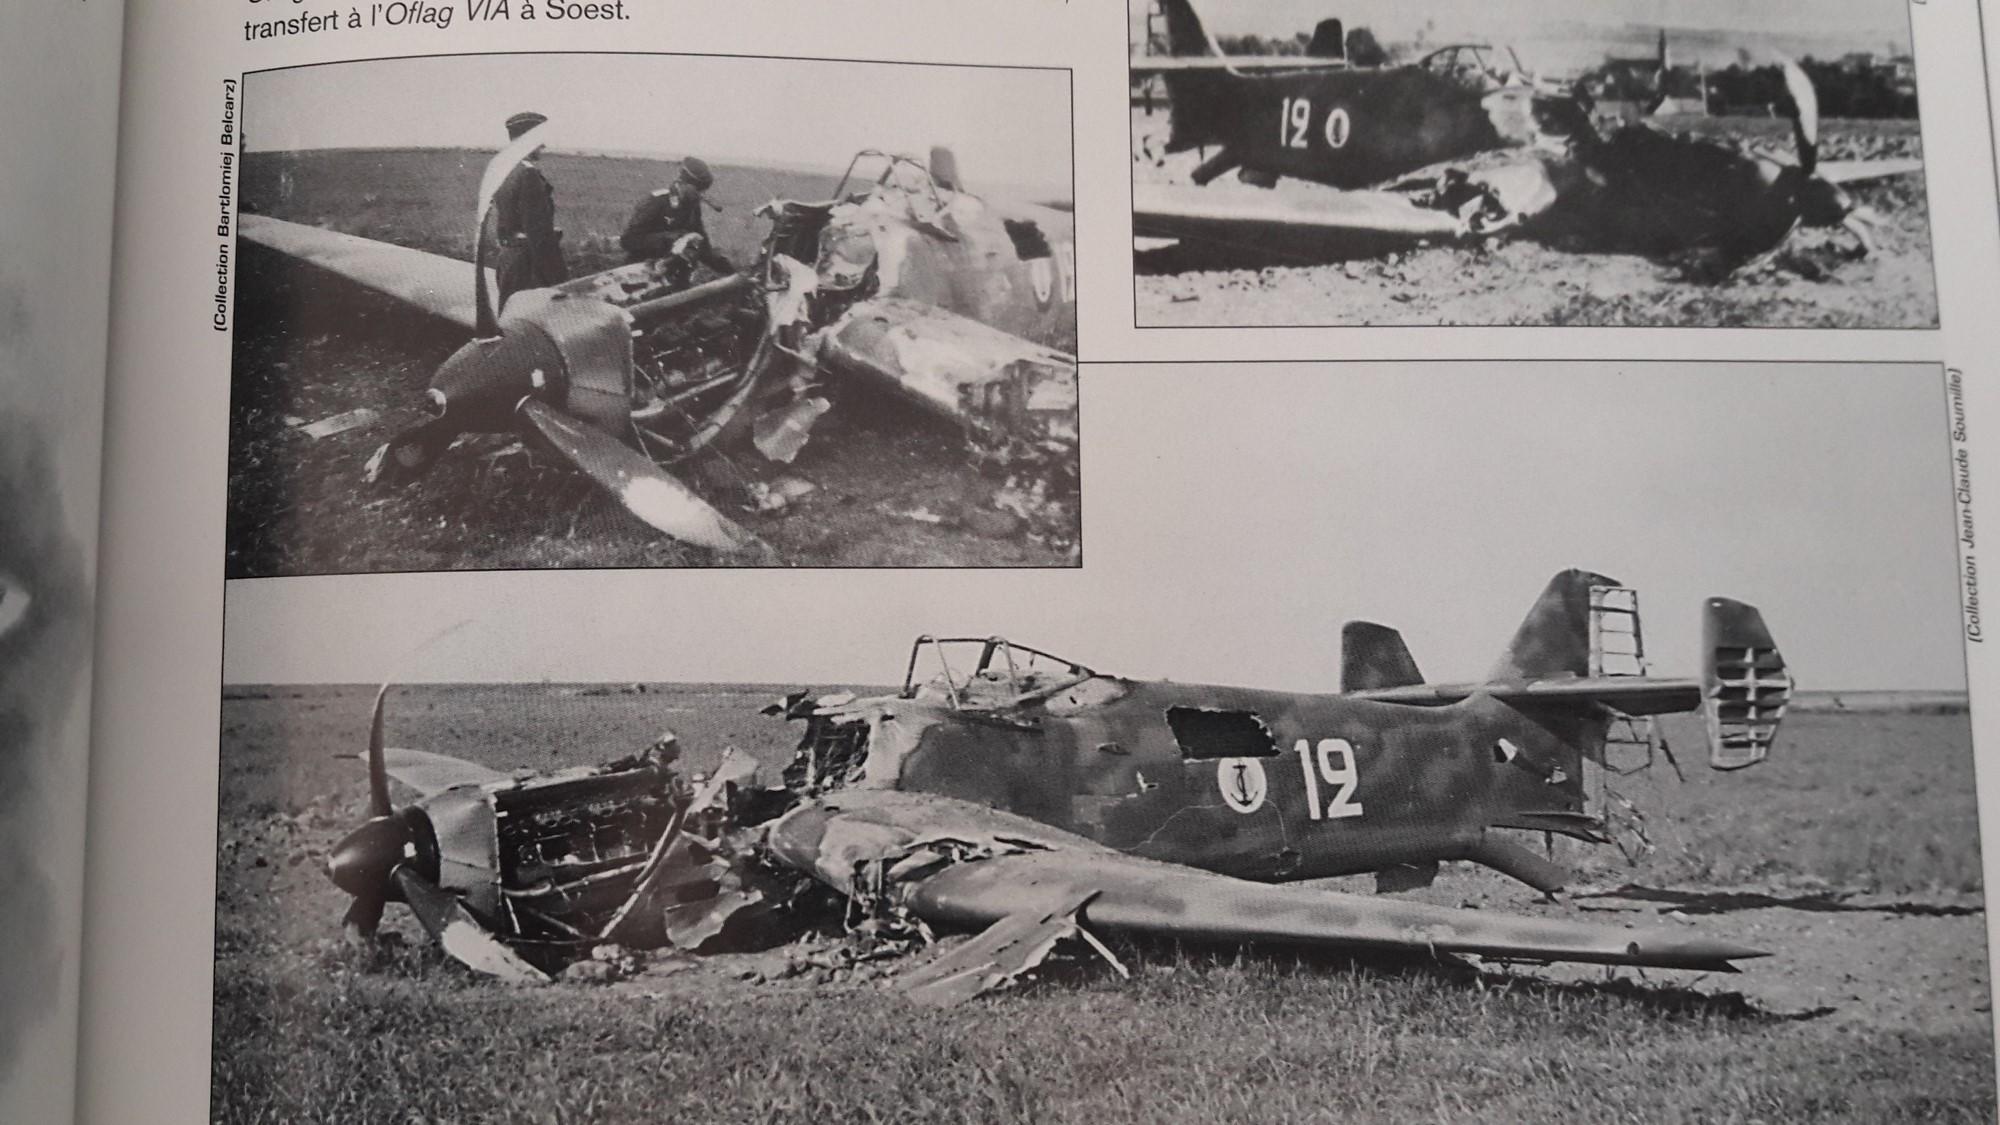 [Concours Aéronavale] Loire Nieuport 401/411 -  Special hobby 1/48 - crash à Villereau -le sacrifice des marins aviateurs du 19 mai 1940 - Mission Berlaimont  Image629